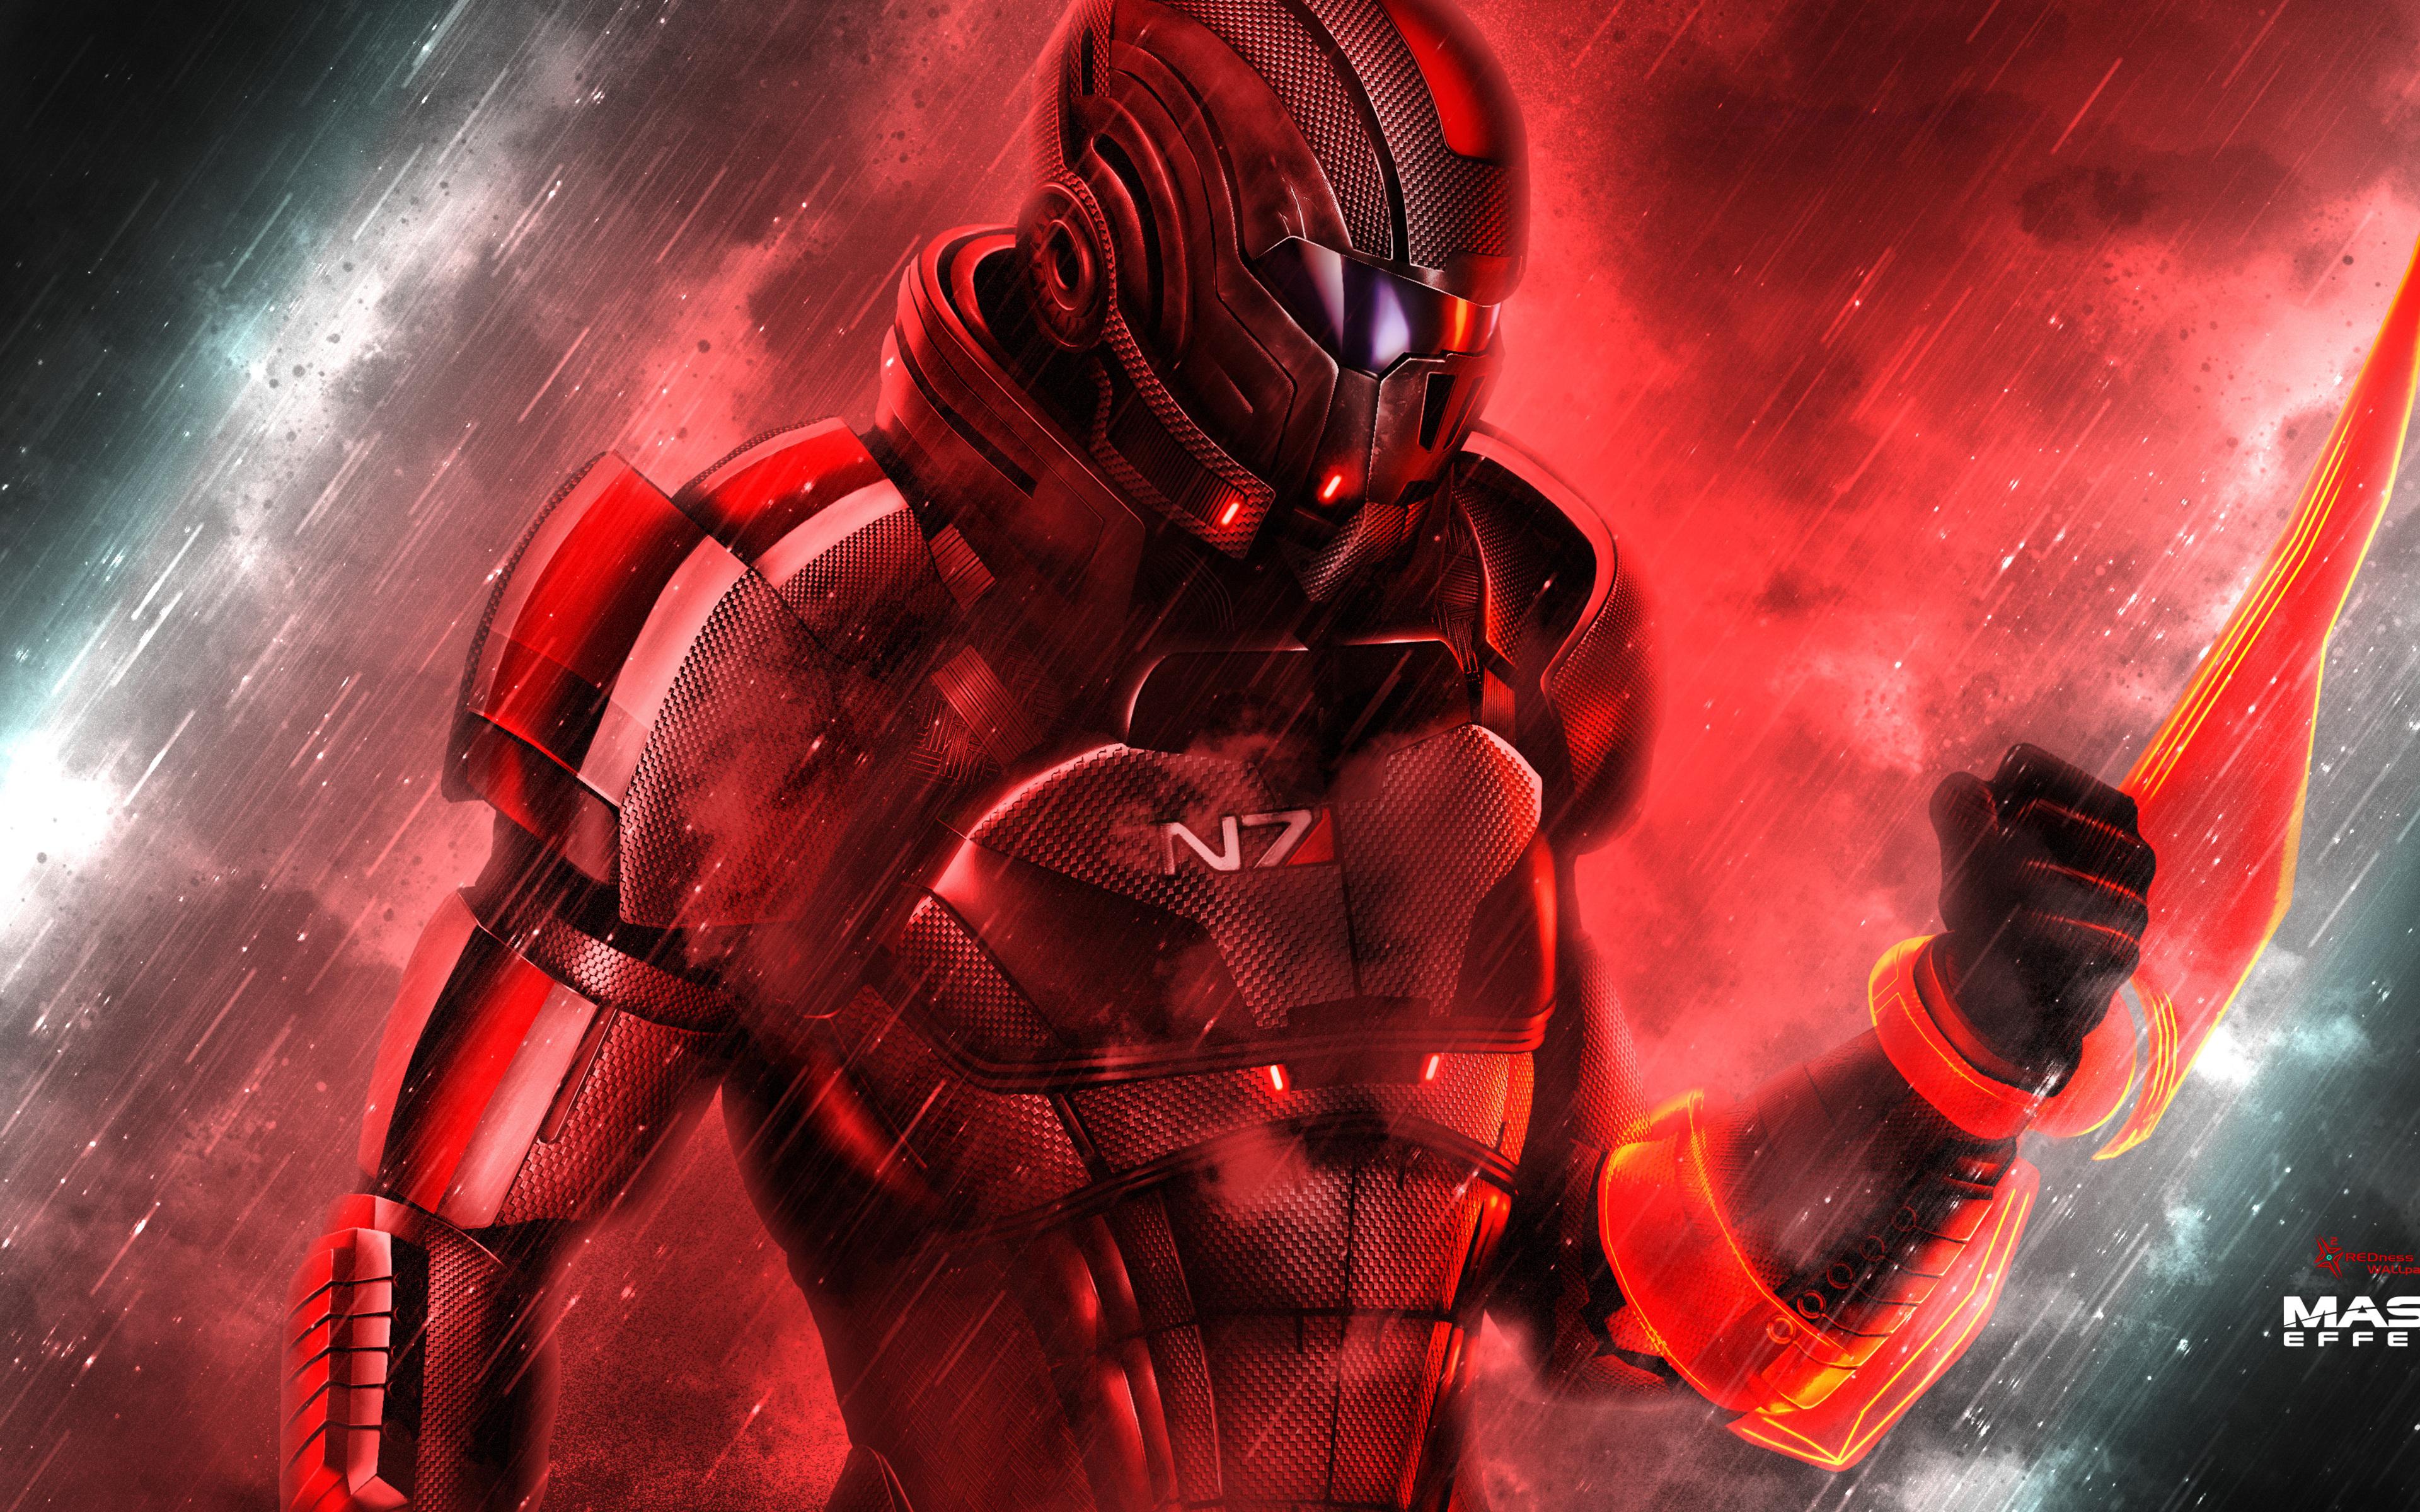 3840x2400 Femshep Mass Effect 4k 4k Hd 4k Wallpapers Images